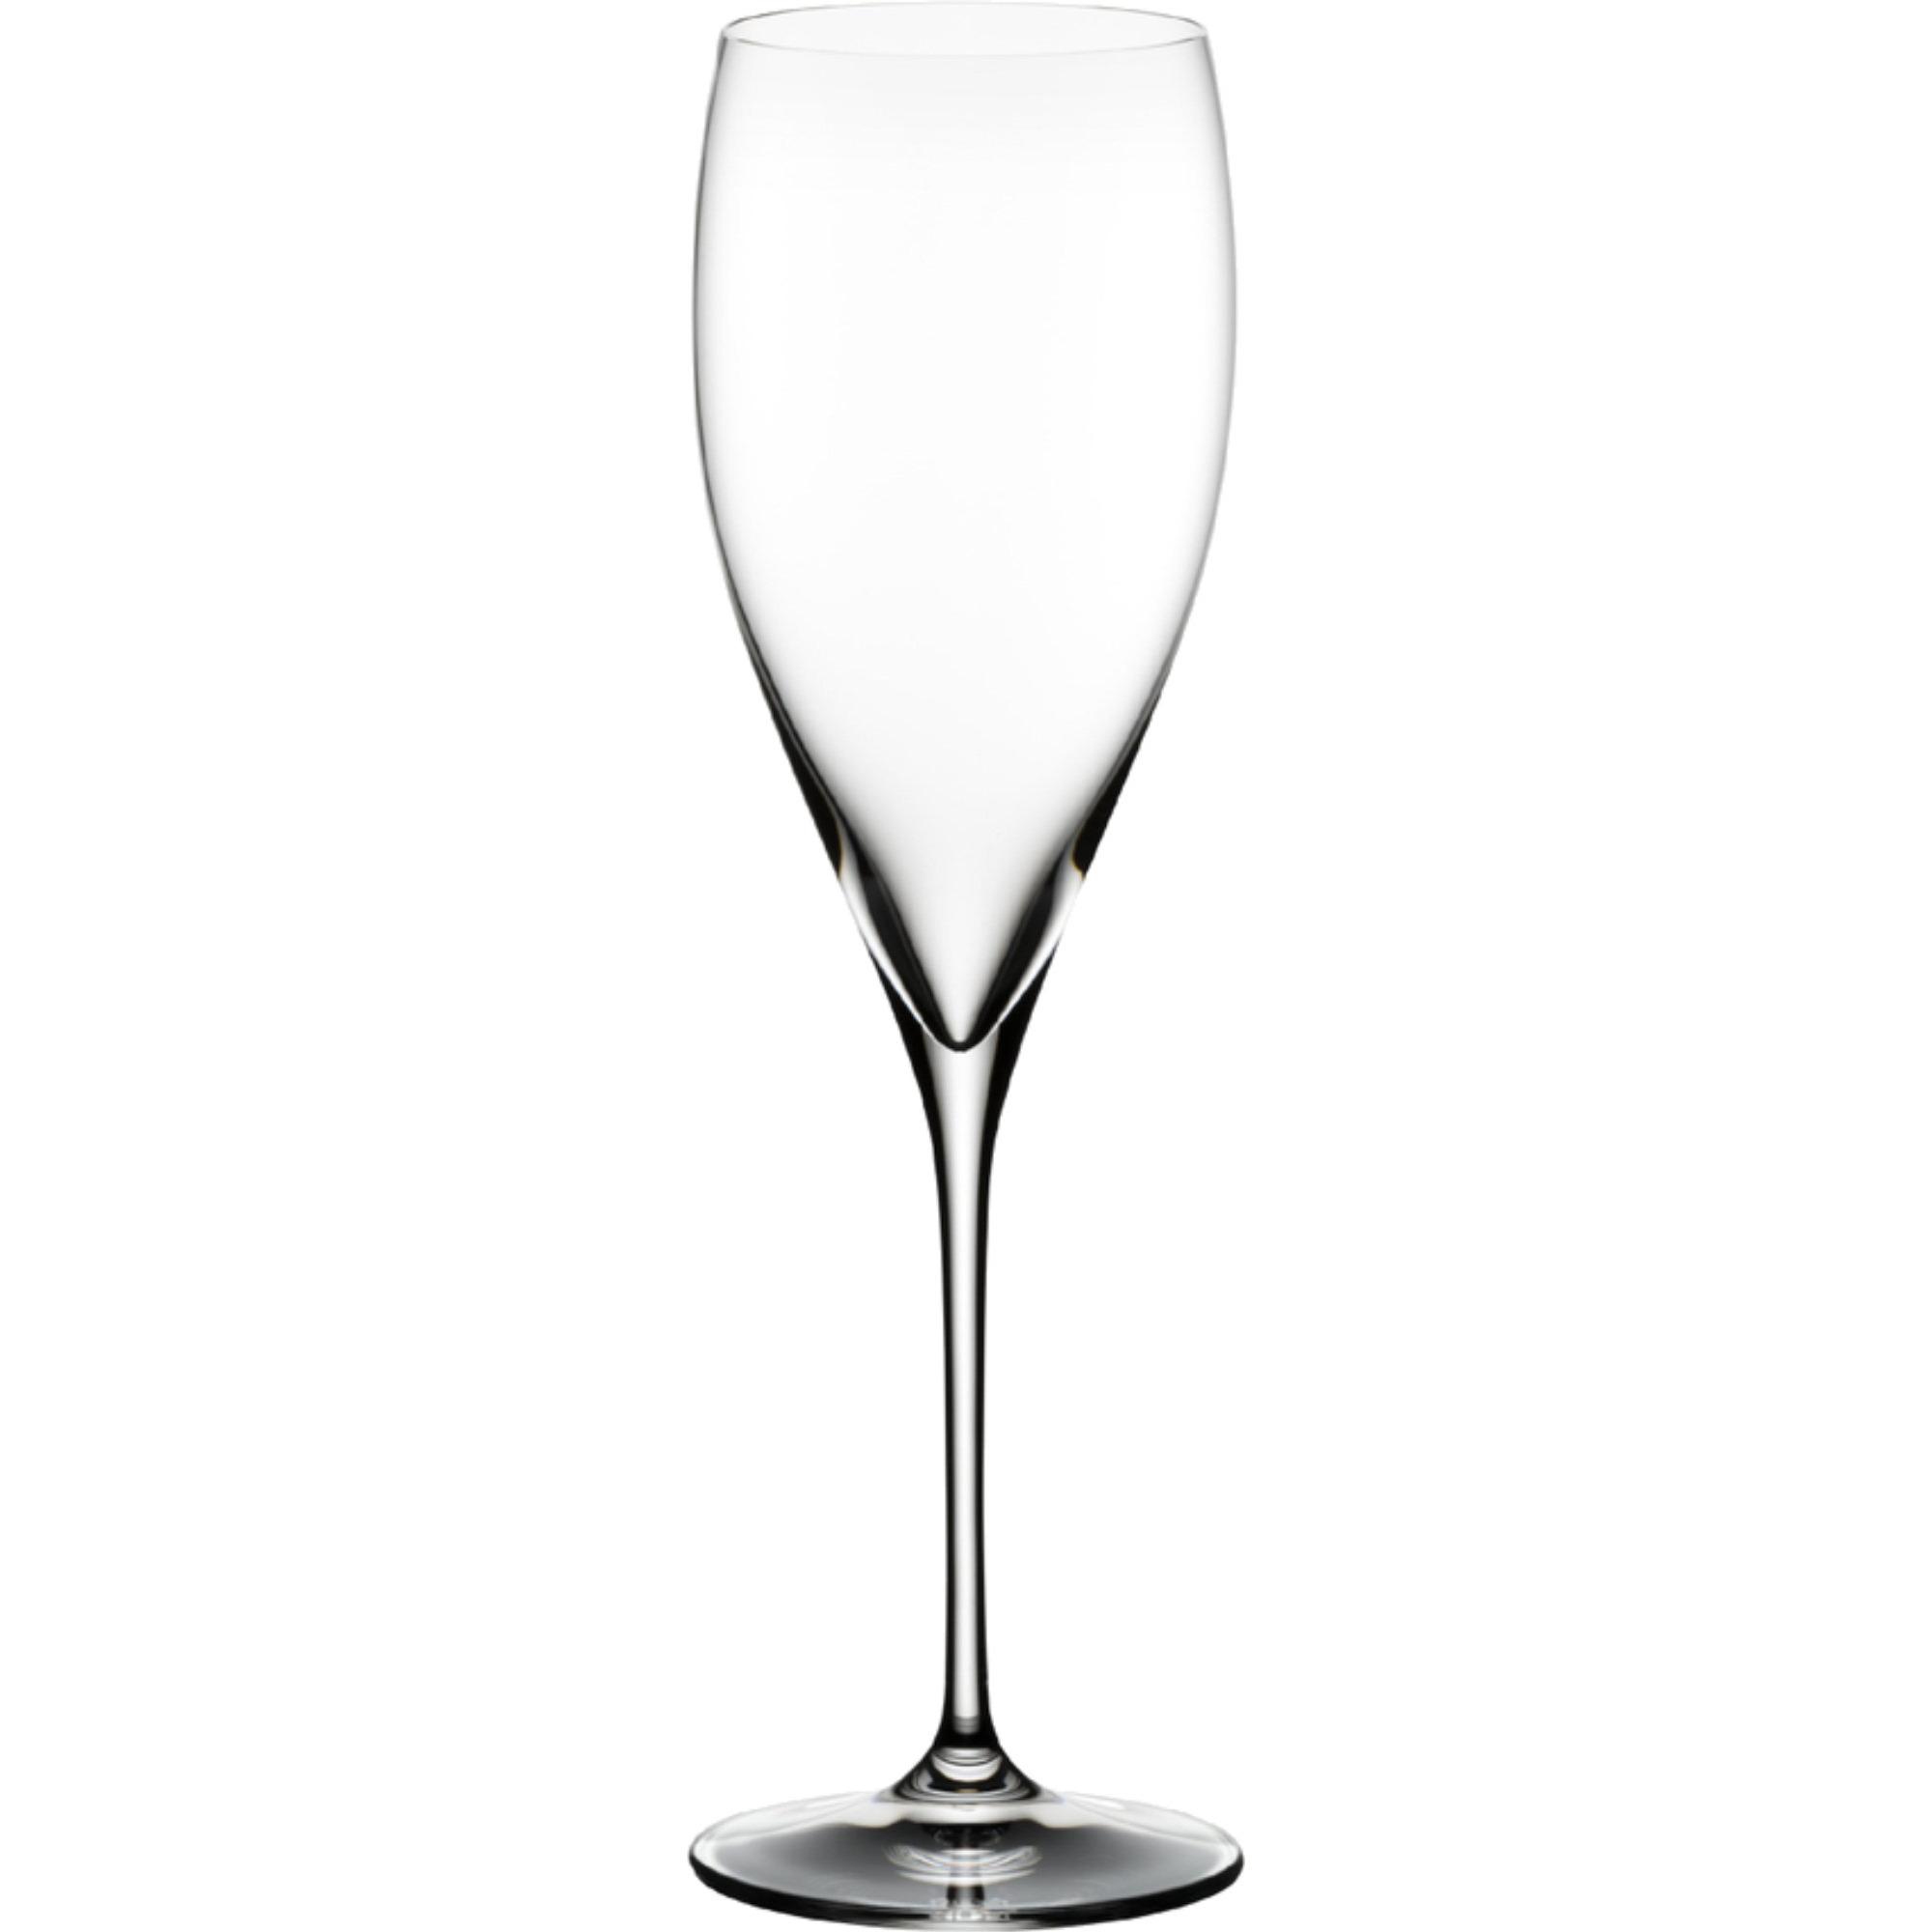 Riedel Vinum XL Cuvée Prestige Champagneglas 34cl 2-pack